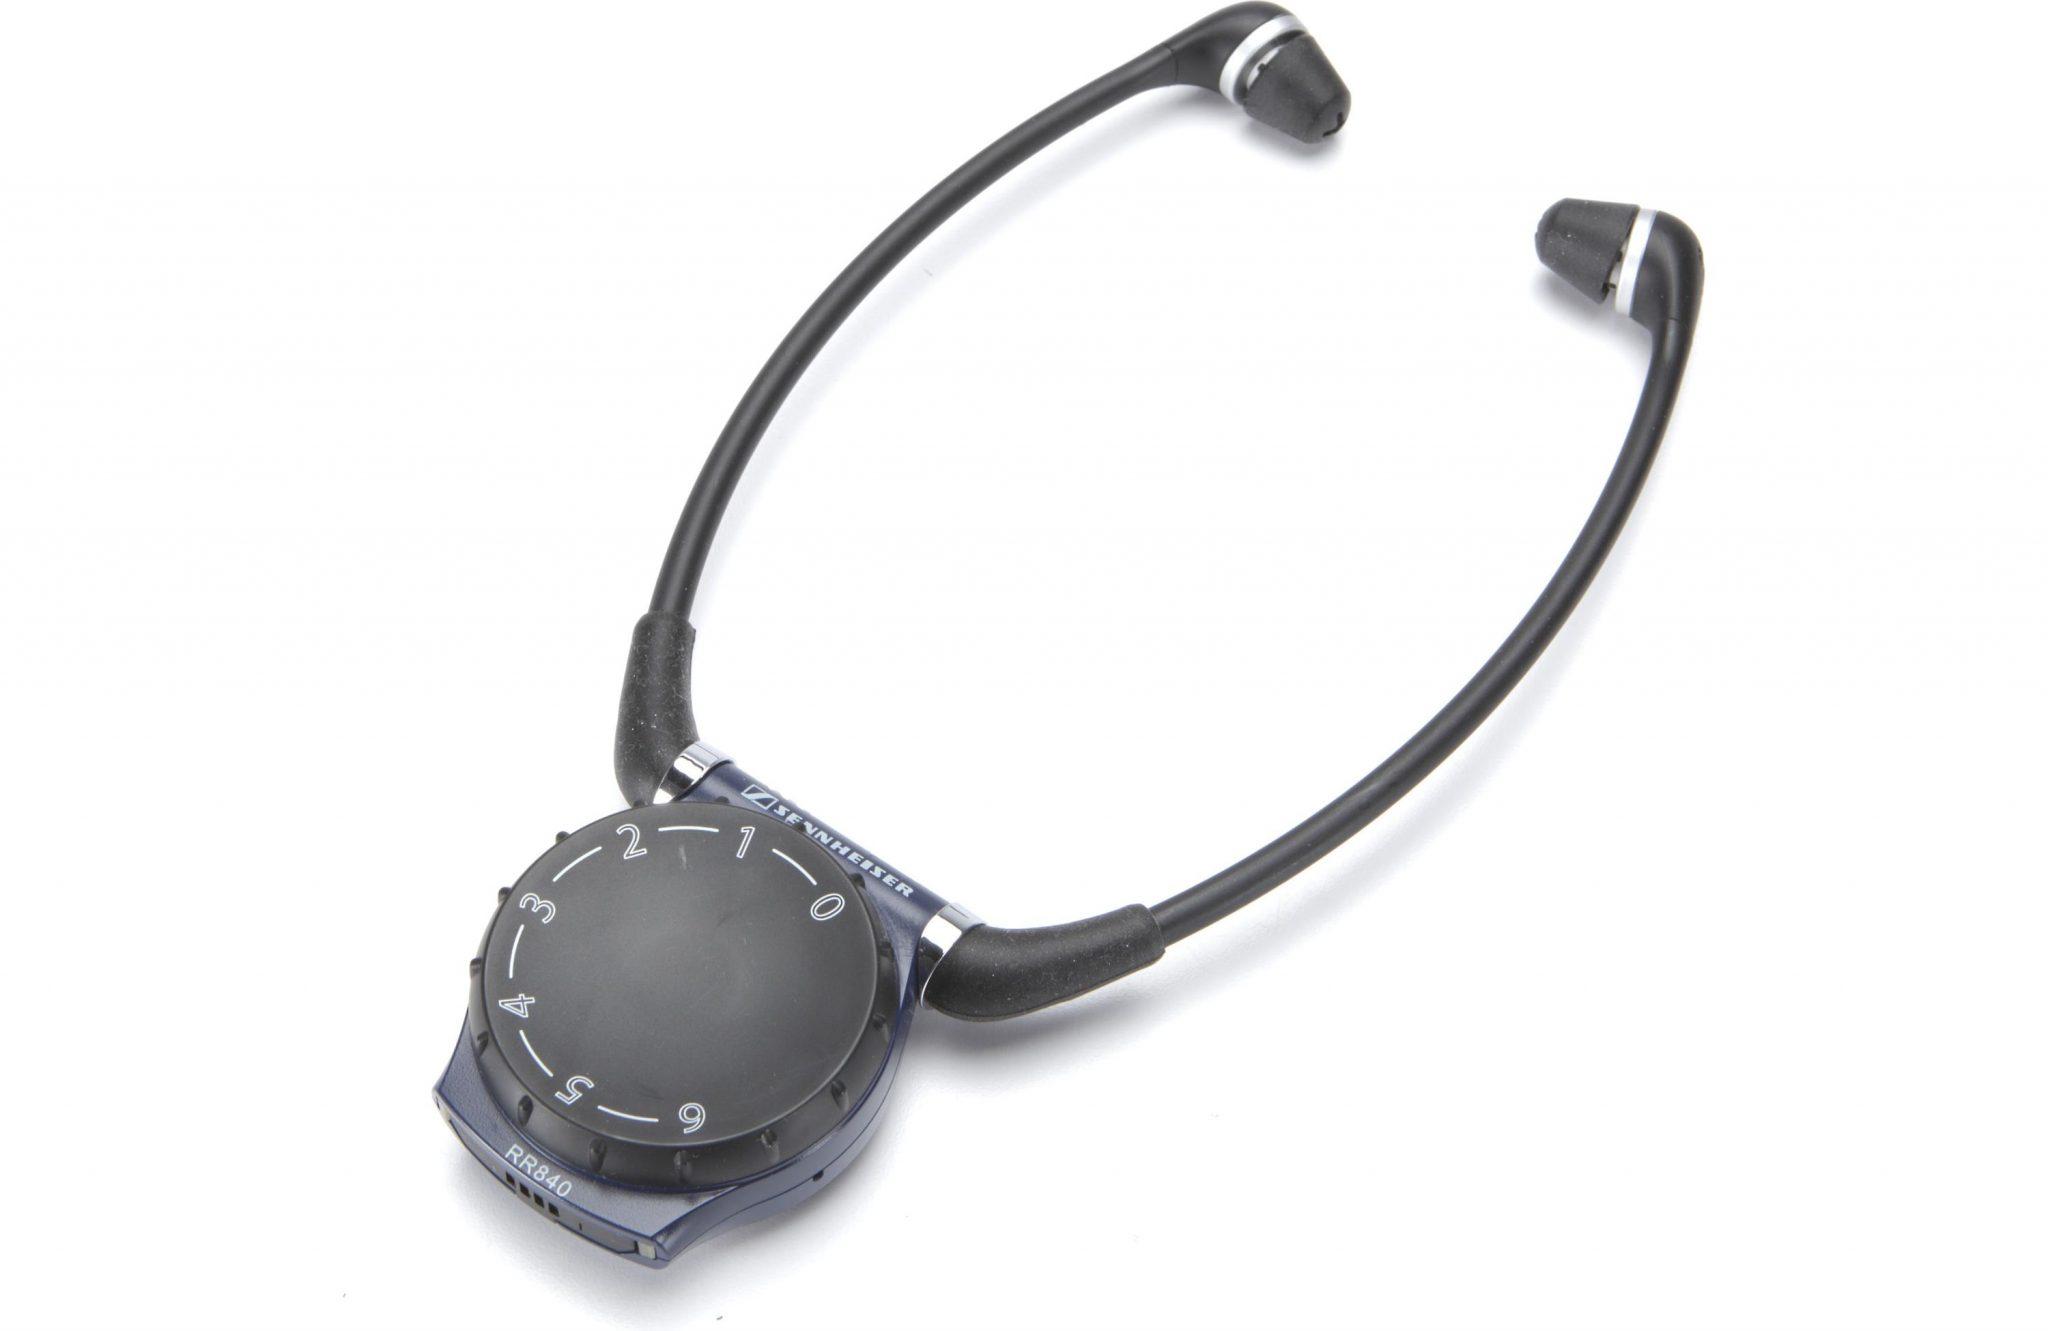 Sennheiser Set 840 Tv Wireless Rf Tv Listening System For